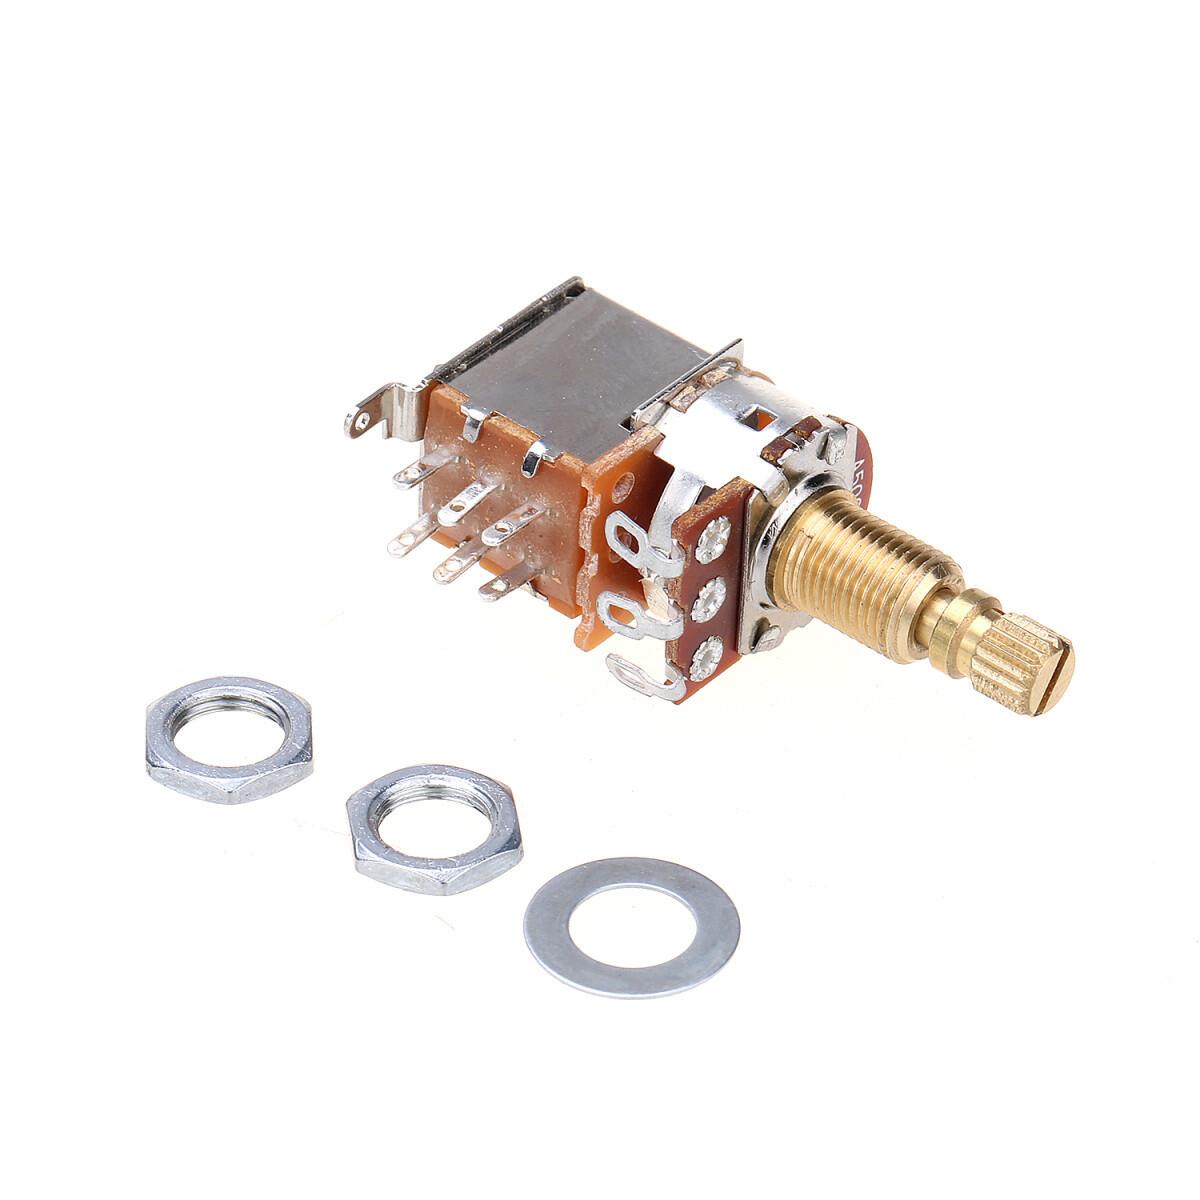 1 x PUSH PUSH 500K Audio Pot